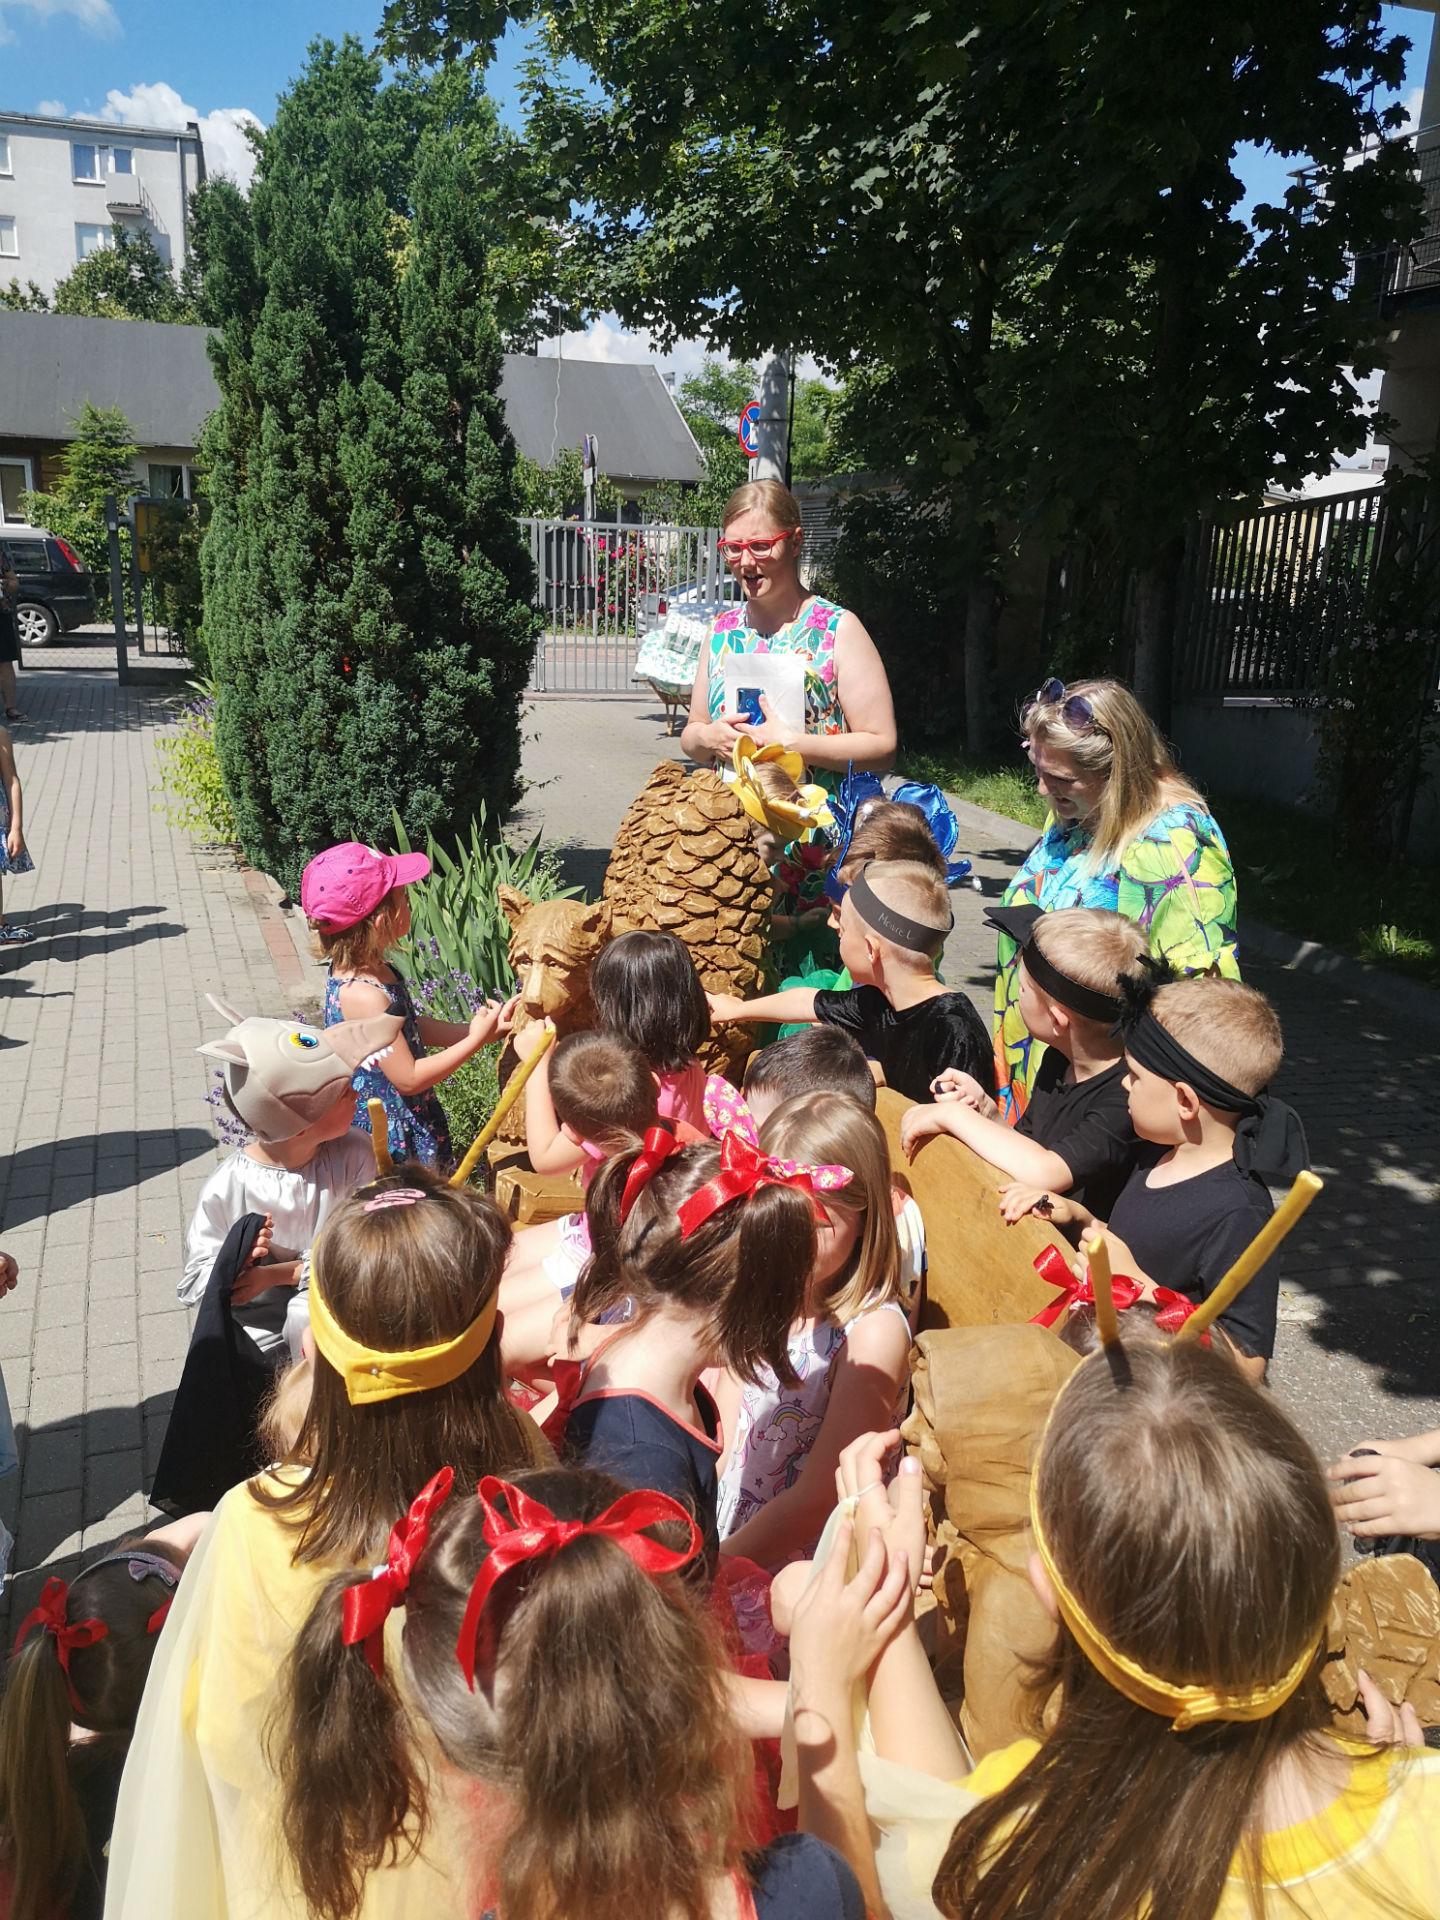 Fotografia wykonana przed przedszkolem miejskim nr 4. Na pierwszym planie dzieci ściśle otaczają drewnianą ławkę dekorowaną rzeźbiarsko motywami bajkowymi.